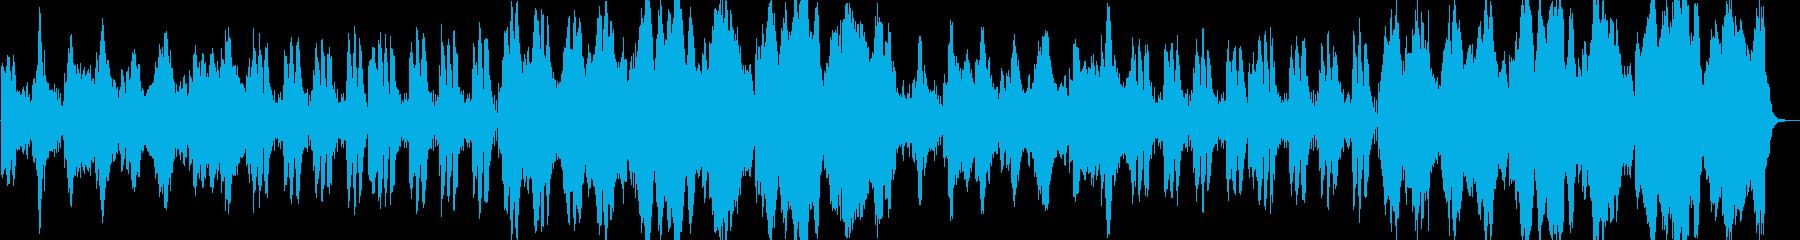 RPG_暗い威圧的なオーケストラの再生済みの波形